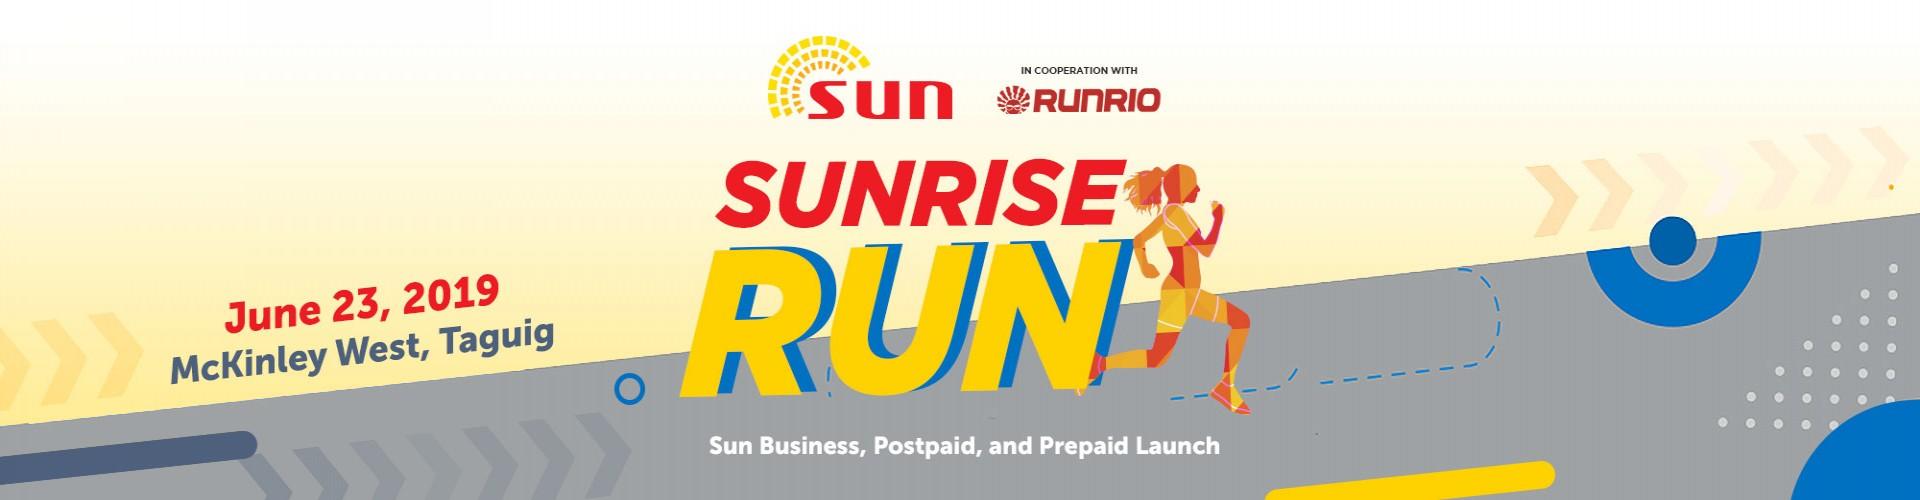 Sunrise Run 2019